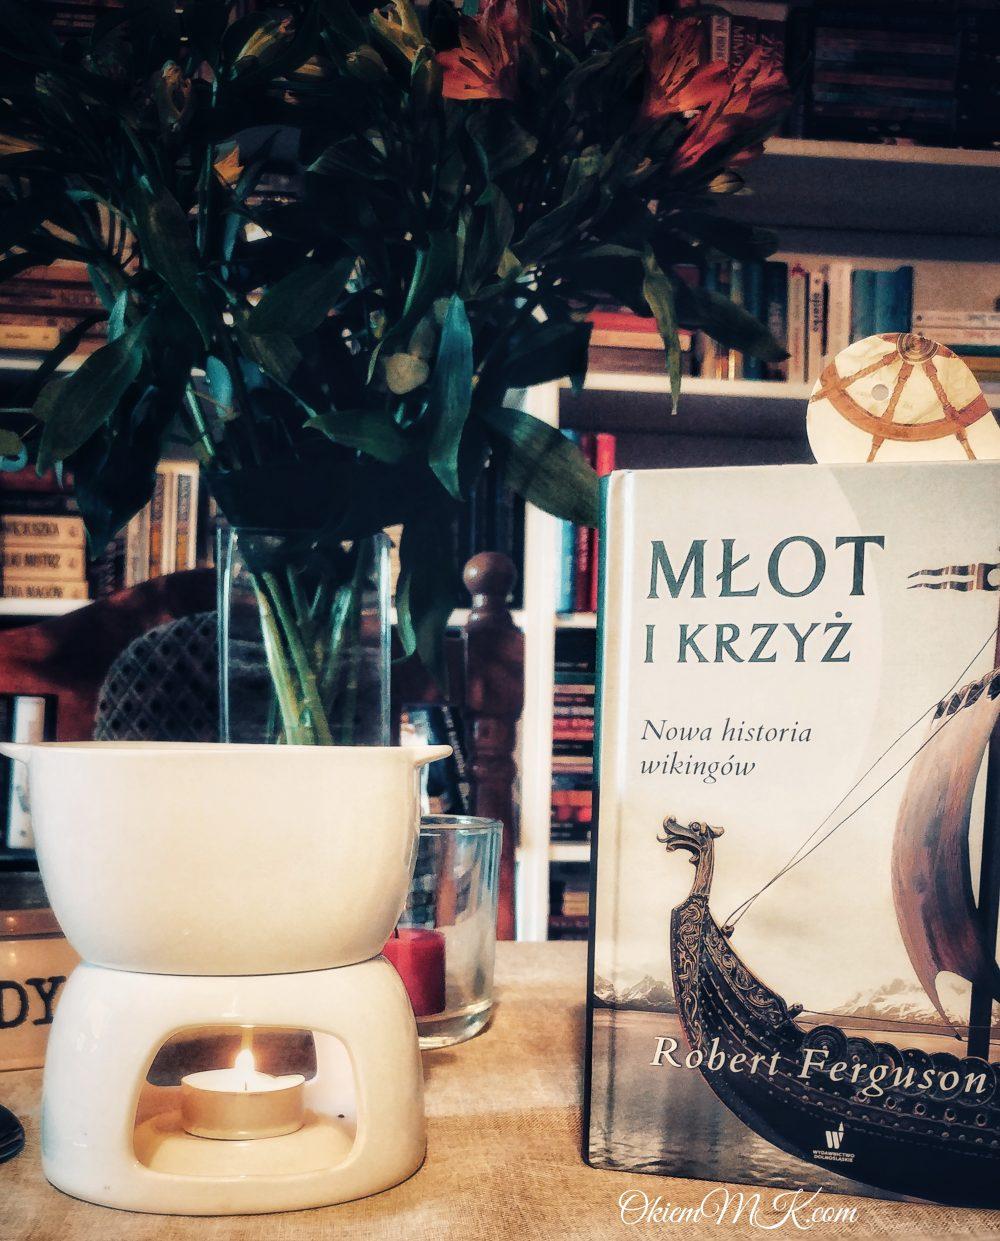 mlot-i-krzyz-nowa-historia-wikingow-robert-ferguson-opinia